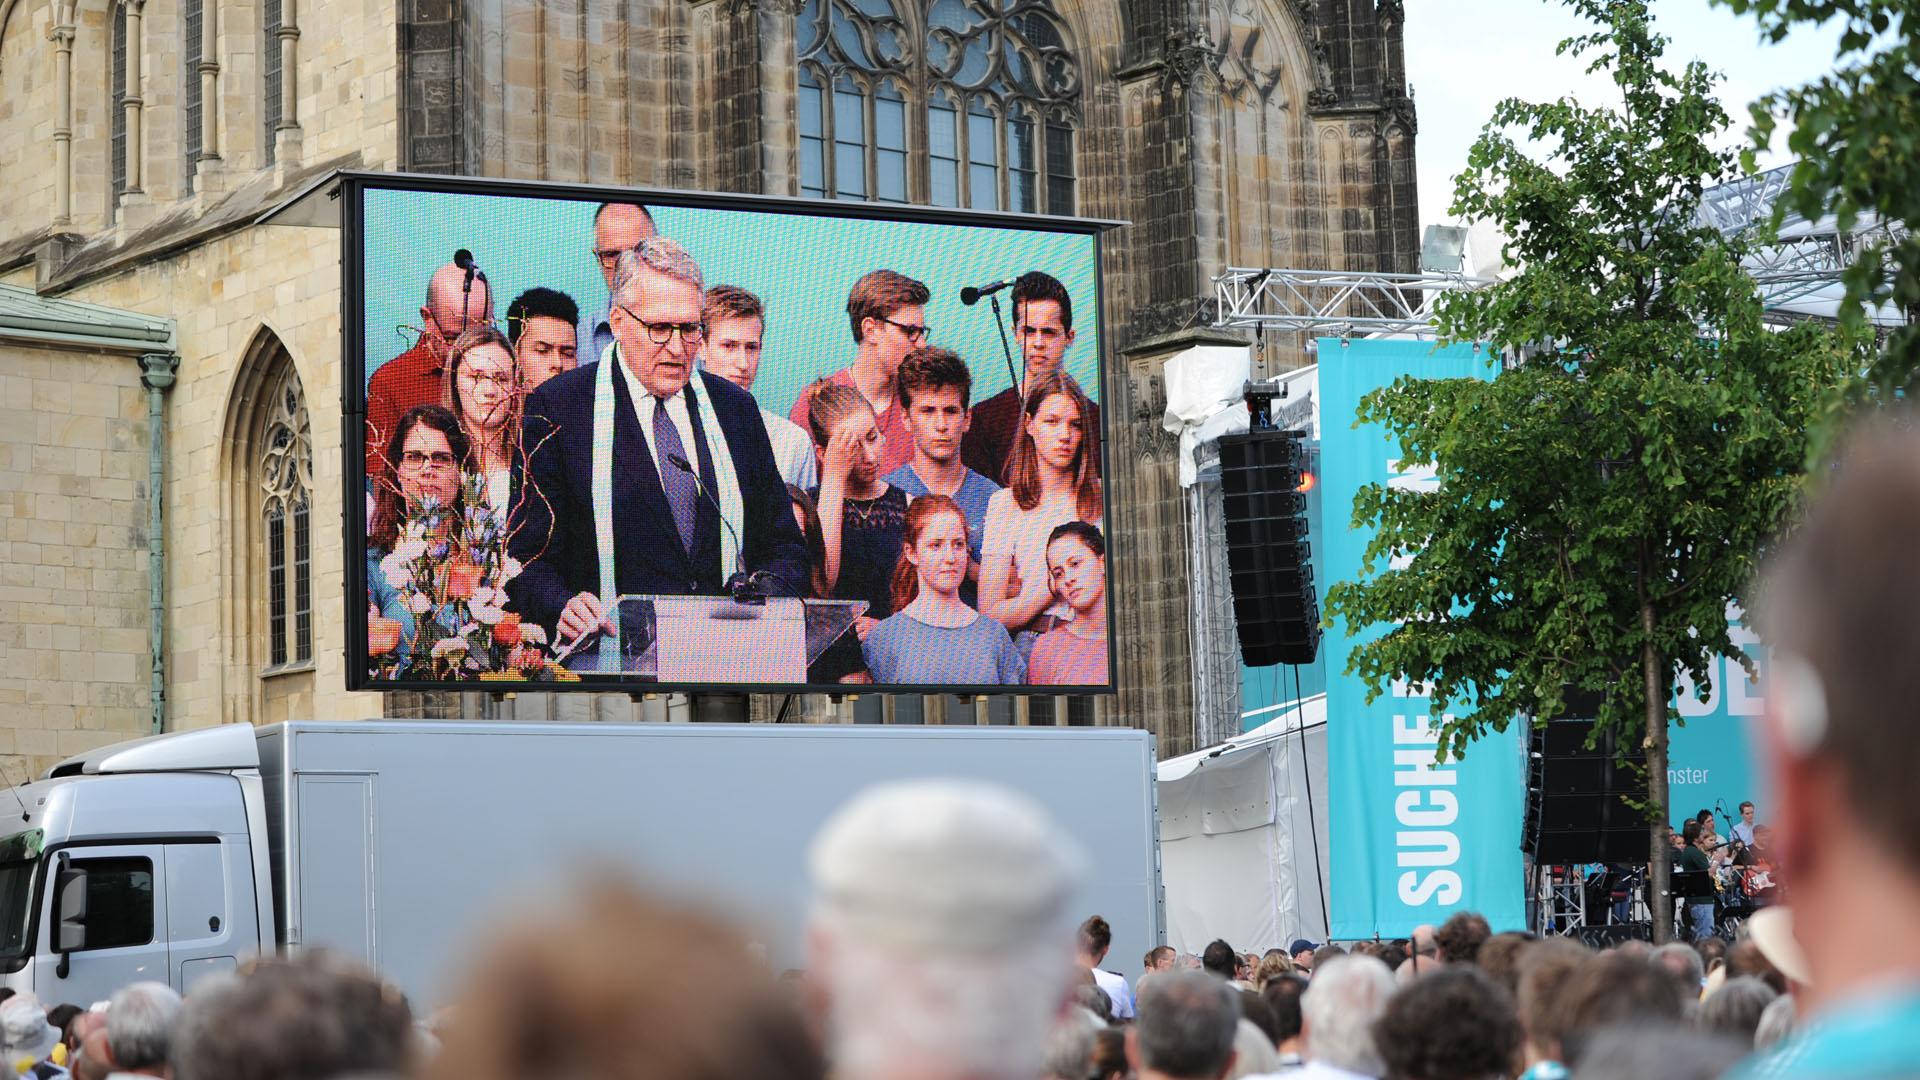 Thomas Sternberg ist Präsident des Zentralkomitees der deutschen Katholiken. Am Mittwoch begrüßte er die zahlreichen Gäste des Katholikentags in Münster.